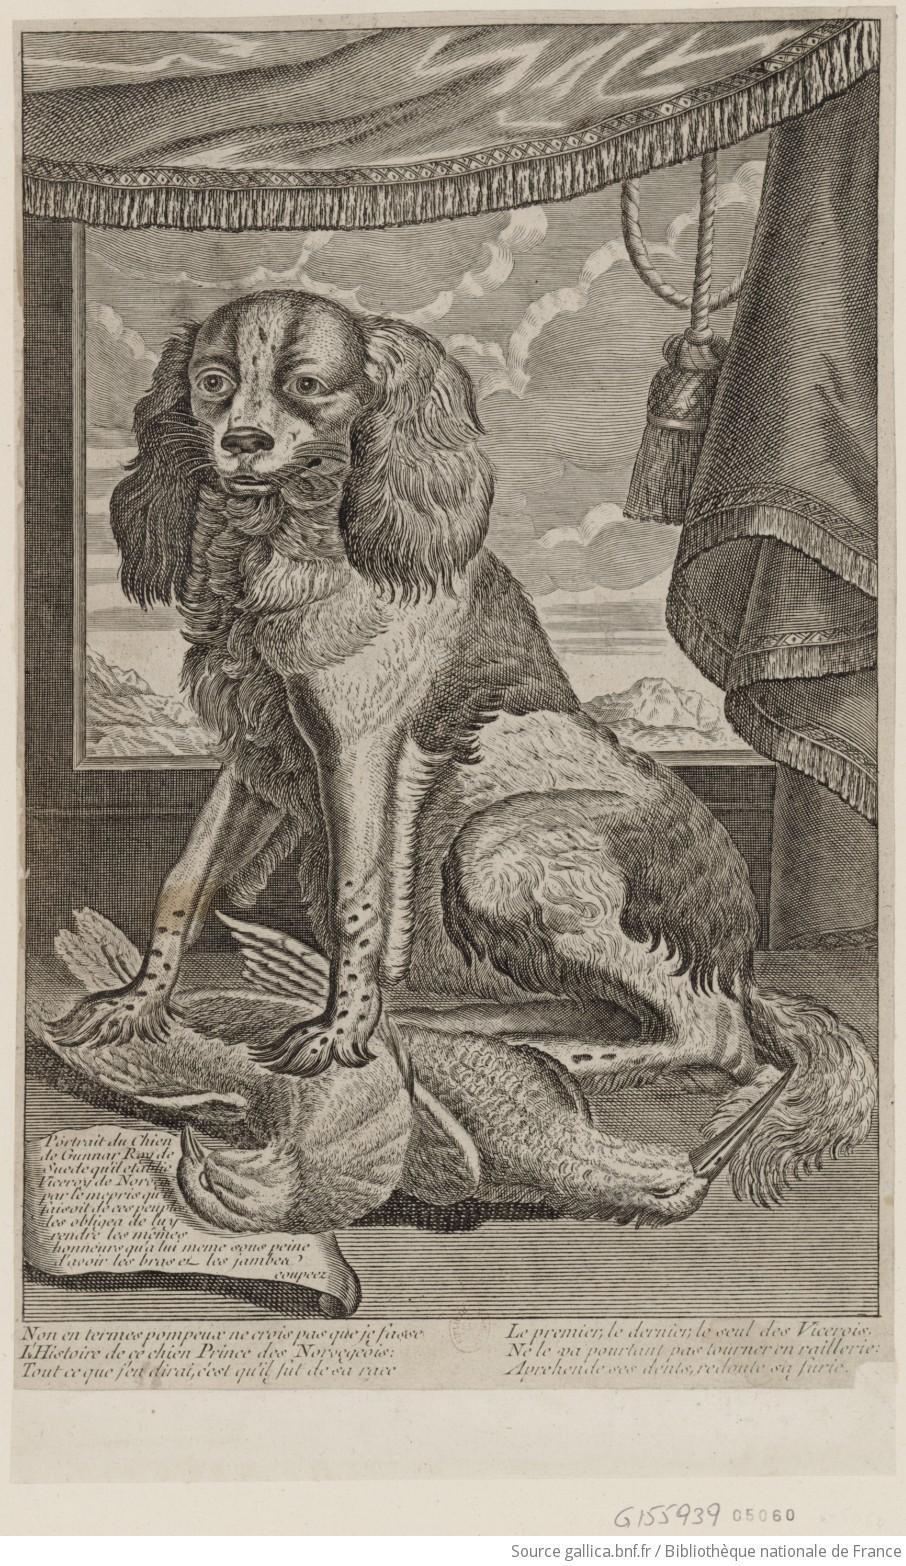 Portrait du chien de Gunnar